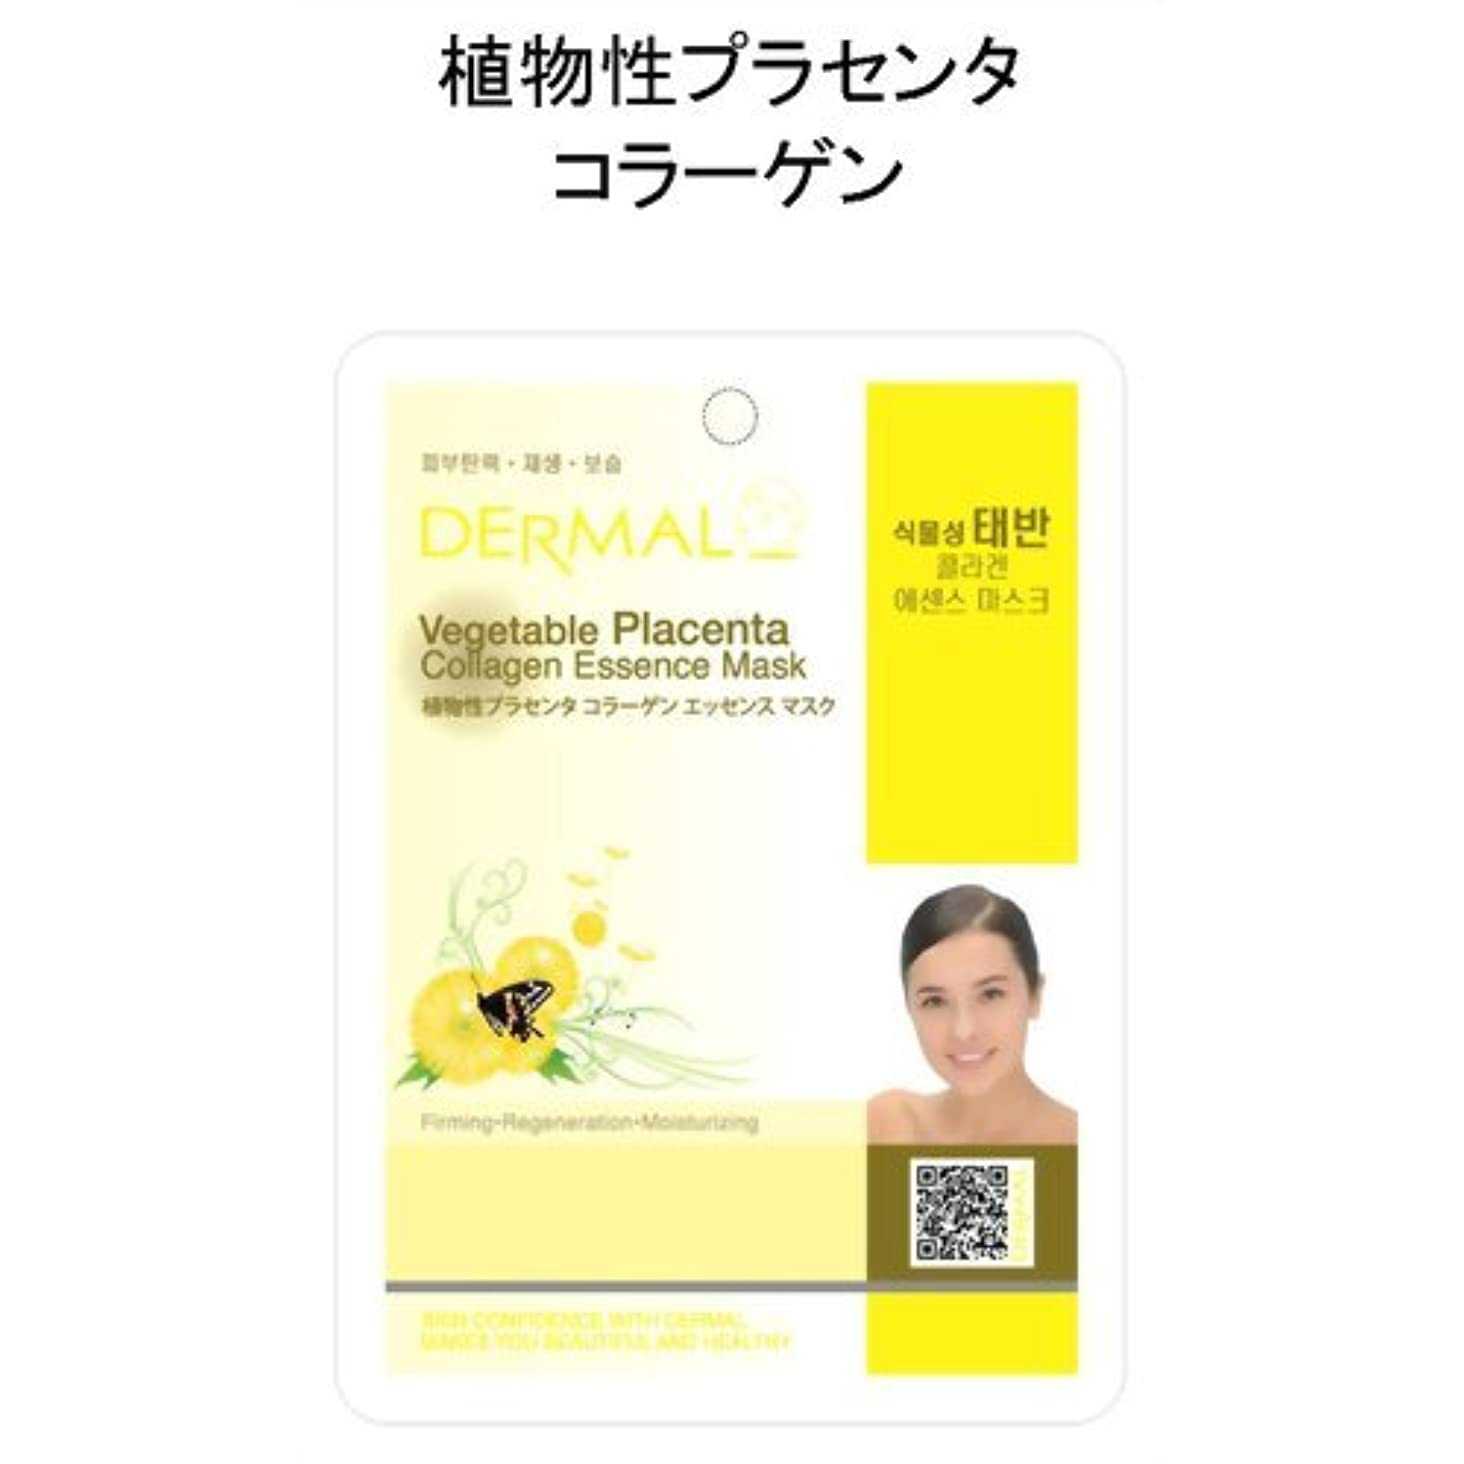 キャンベラクリーナー流暢新DERMAL ダーマル シートマスク 植物プラセンタコラーゲン 人気韓国パック